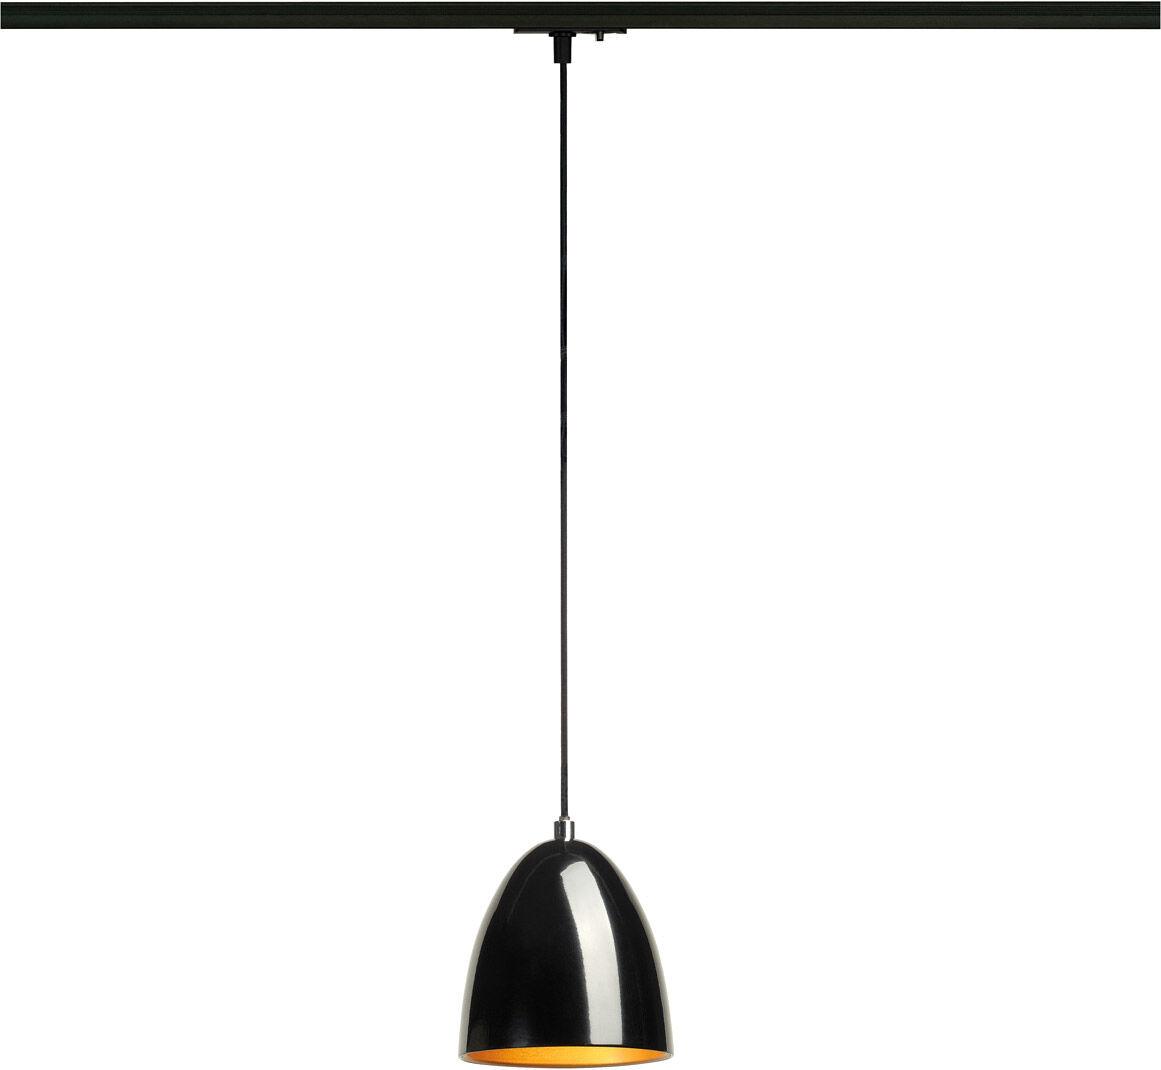 SLV Suspension PARA CONE 14 LED GU10 51 mm, rond, noir/doré, Ø/H 13,3/14, - Lampes pendulaires